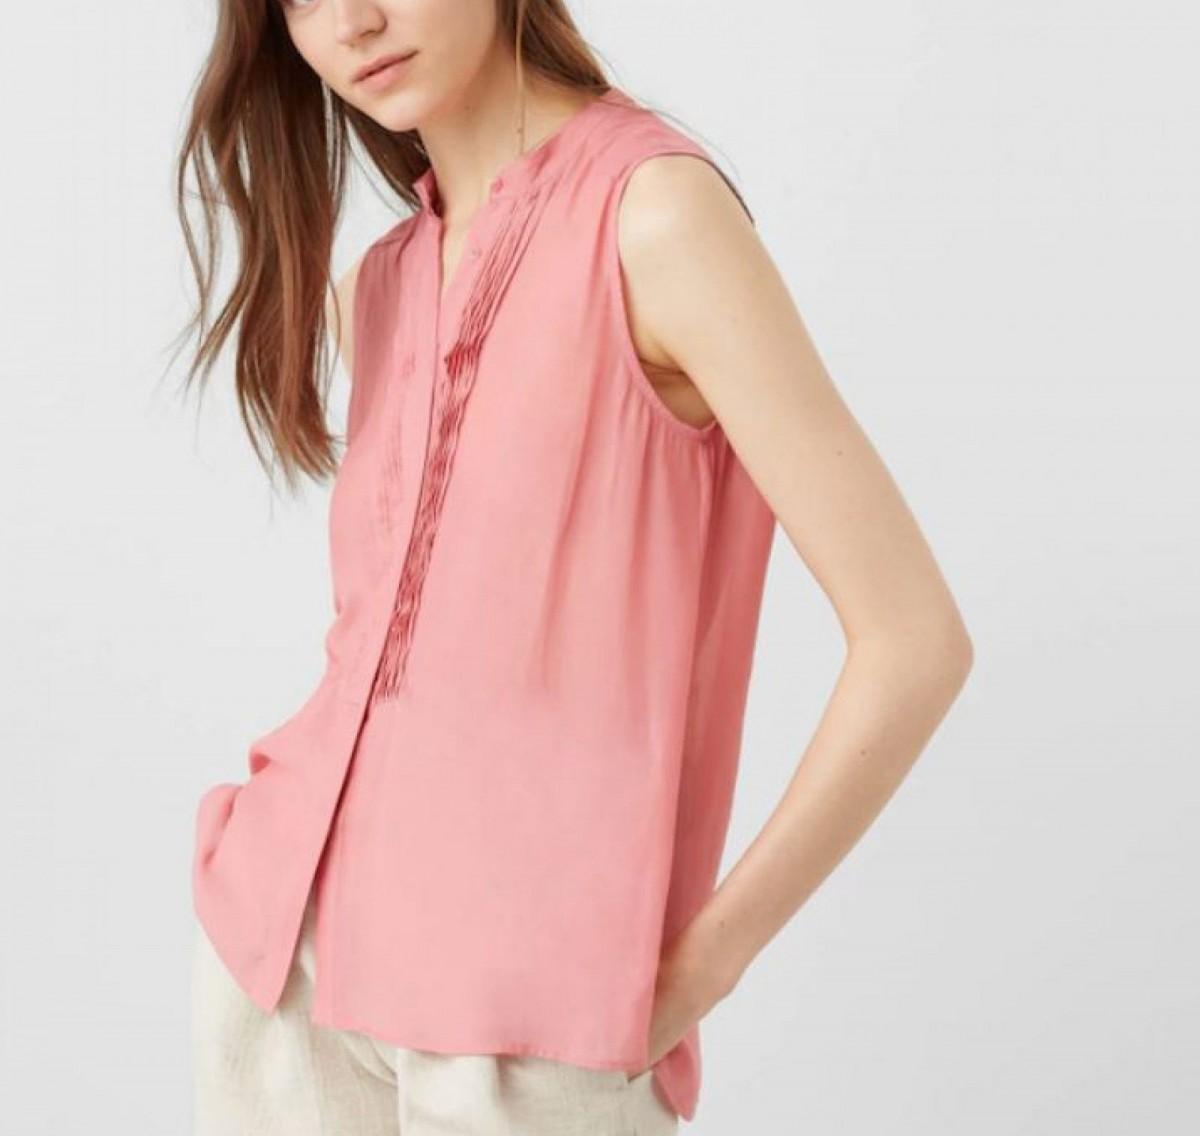 Blusa panel plisado por 5 euros.